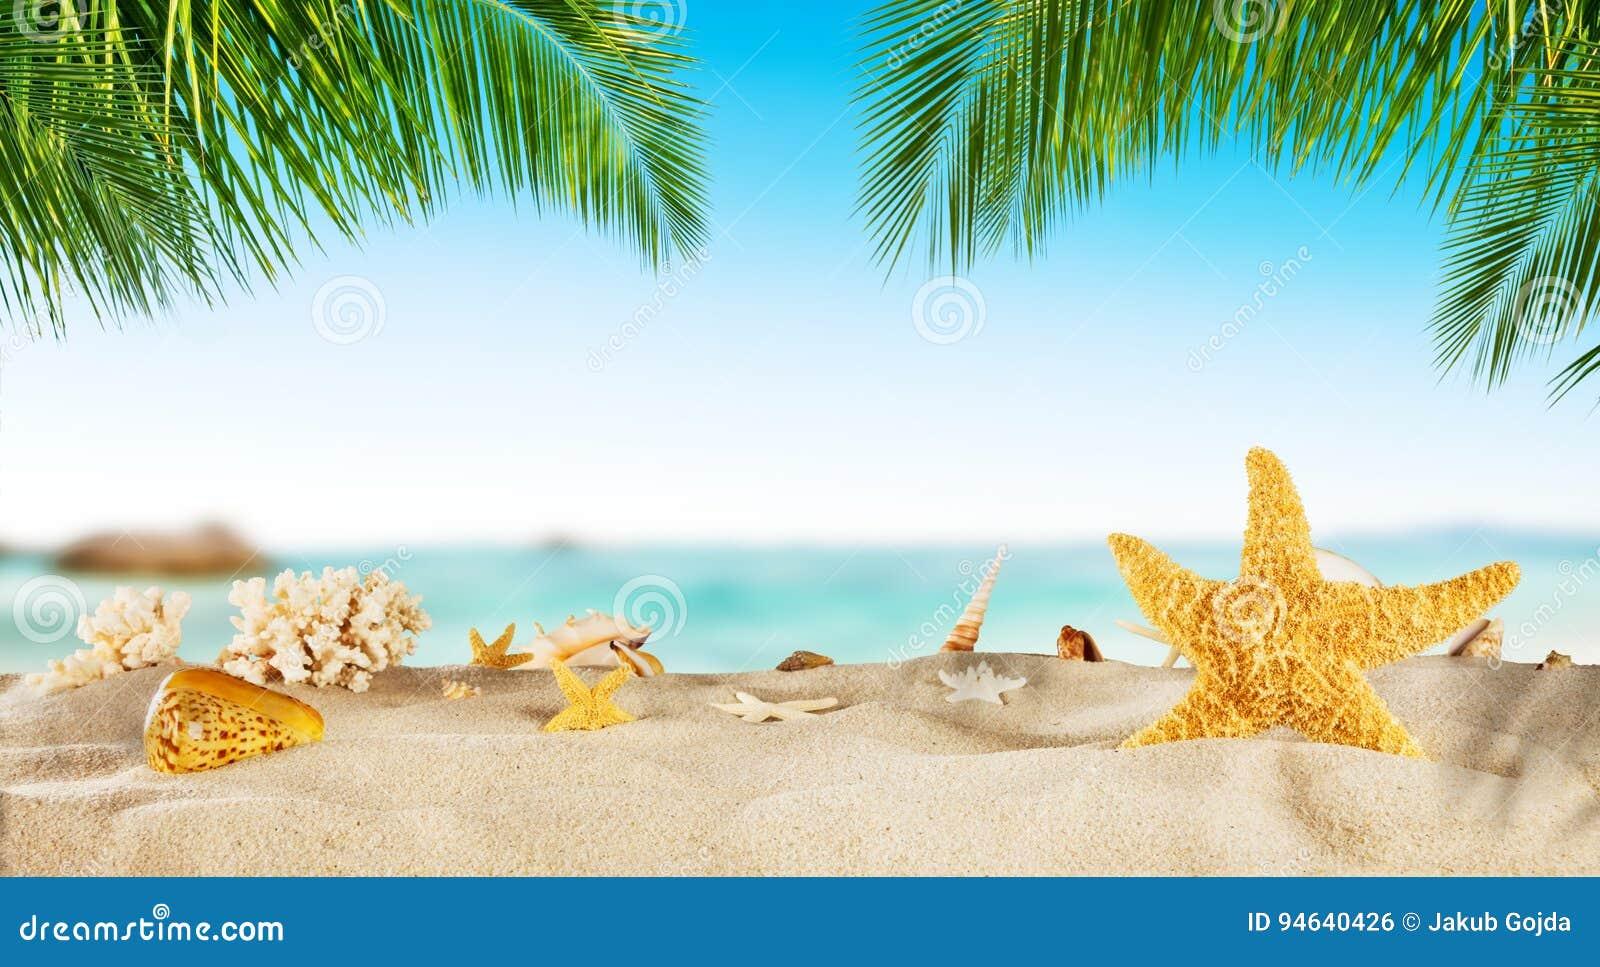 fc93297881409 Tropical Beach With Sea Star On Sand